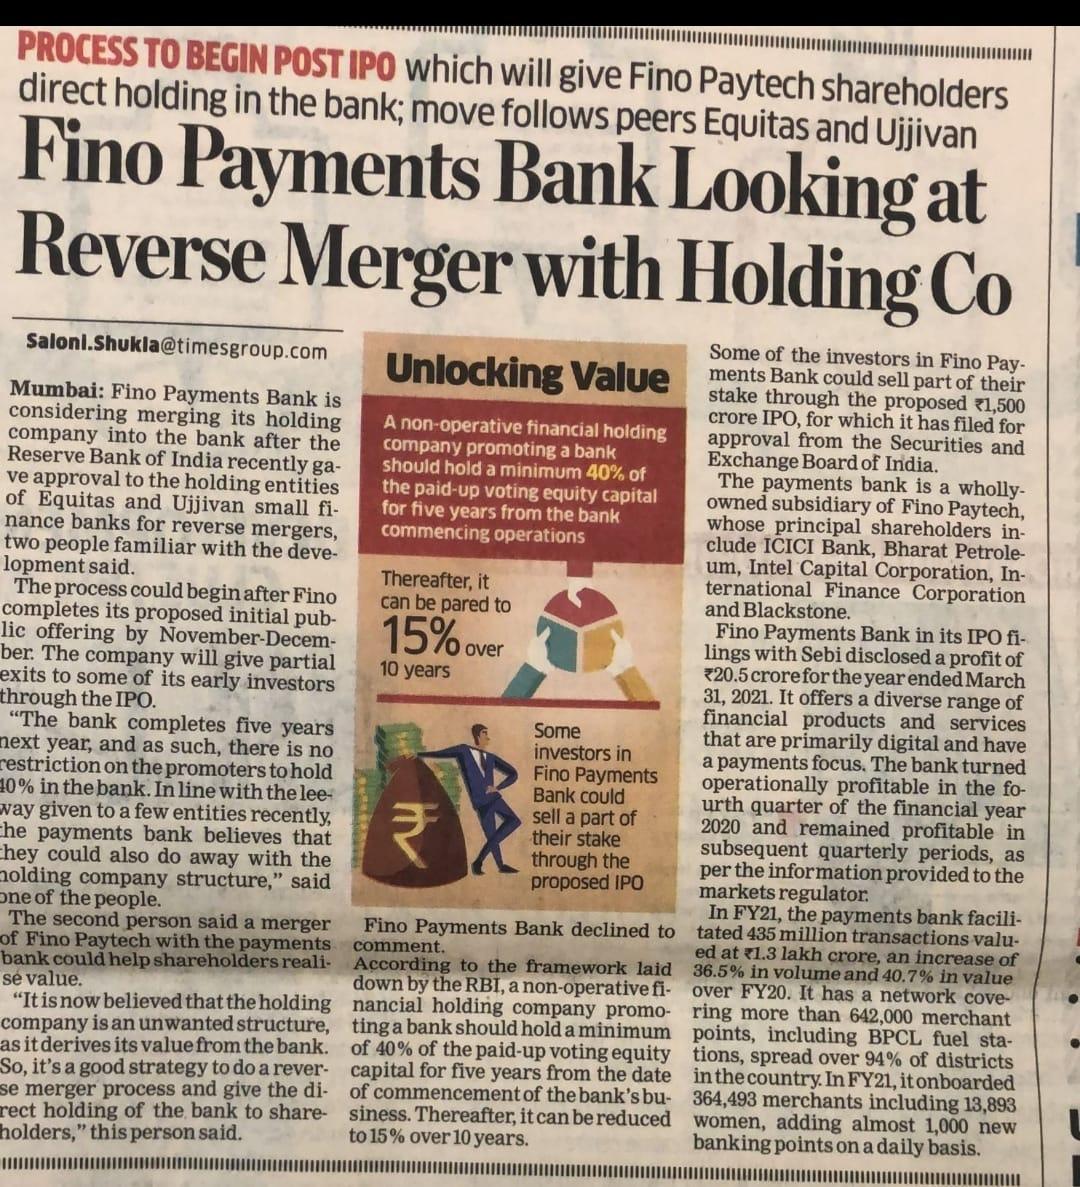 Fino Paytech News 30th August 2021